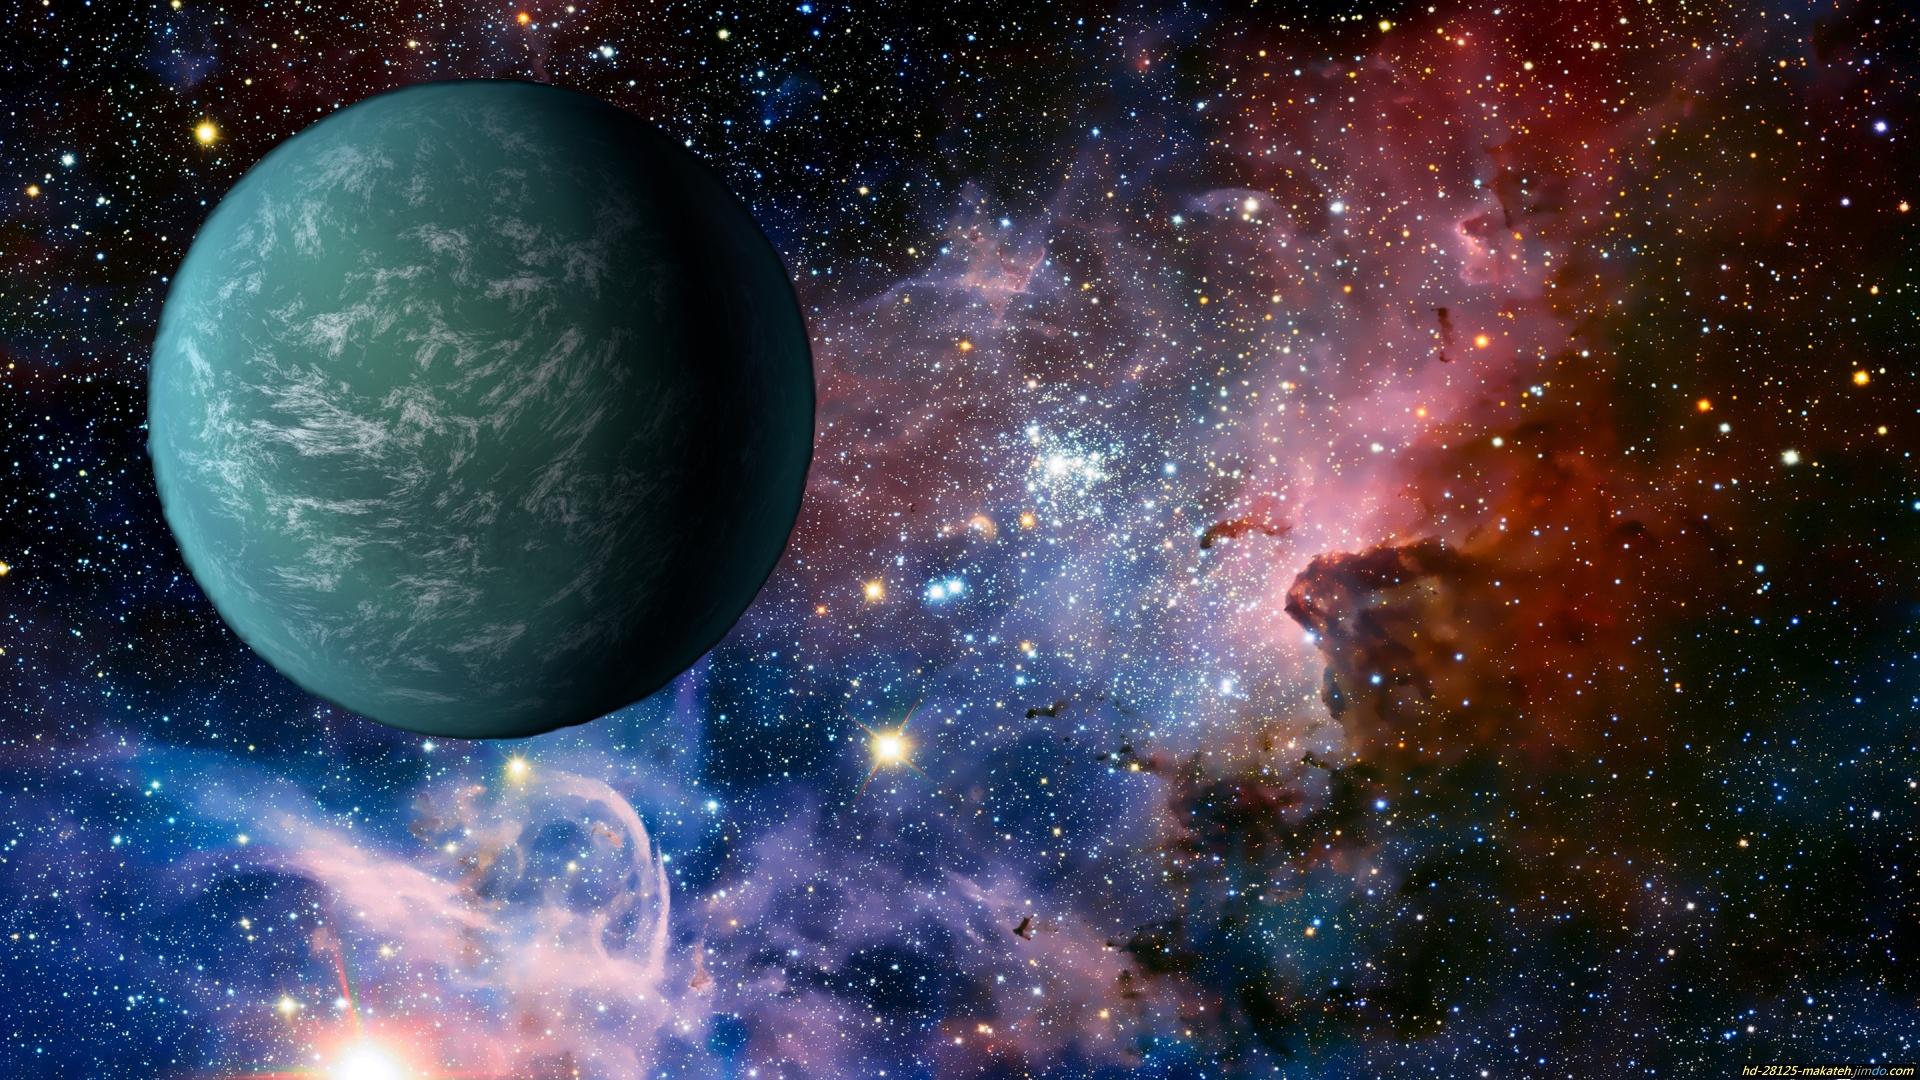 Exoplanet Computer Wallpapers, Desktop Backgrounds ...